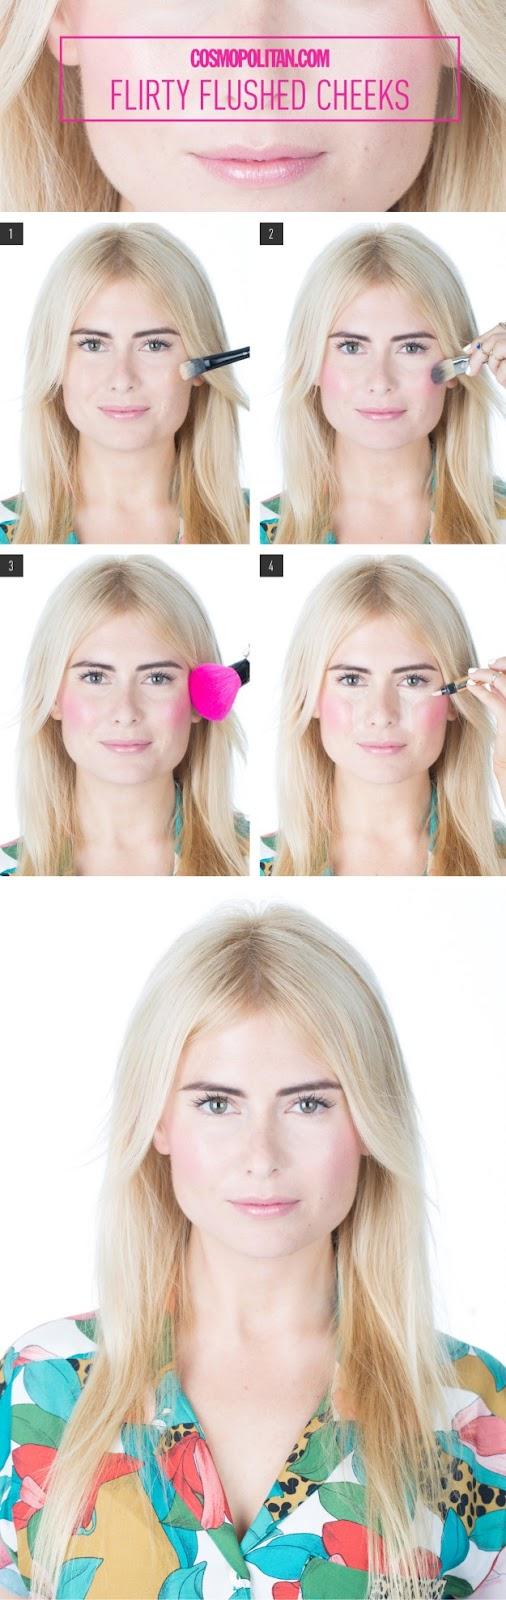 How to Do Fresh Makeup for Graduation | Graduation Makeup Tutorials by http://www.makeuptutorials.com/makeup-tutorials-graduation-beauty-ideas